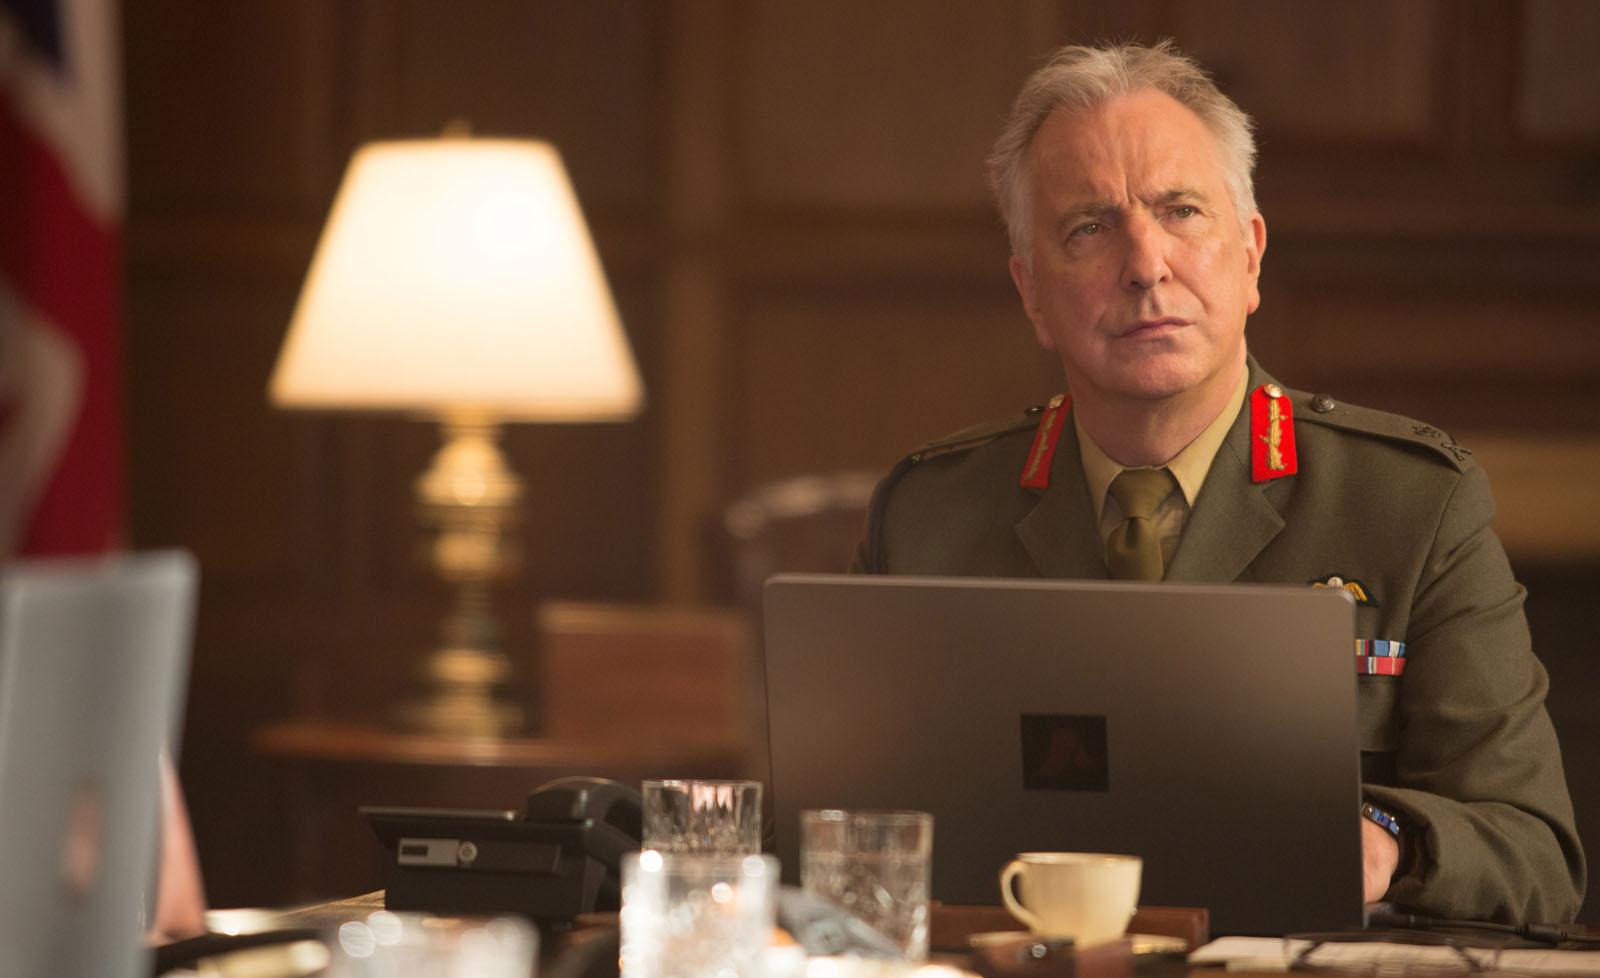 Général Frank Benson (Alan Rickman)